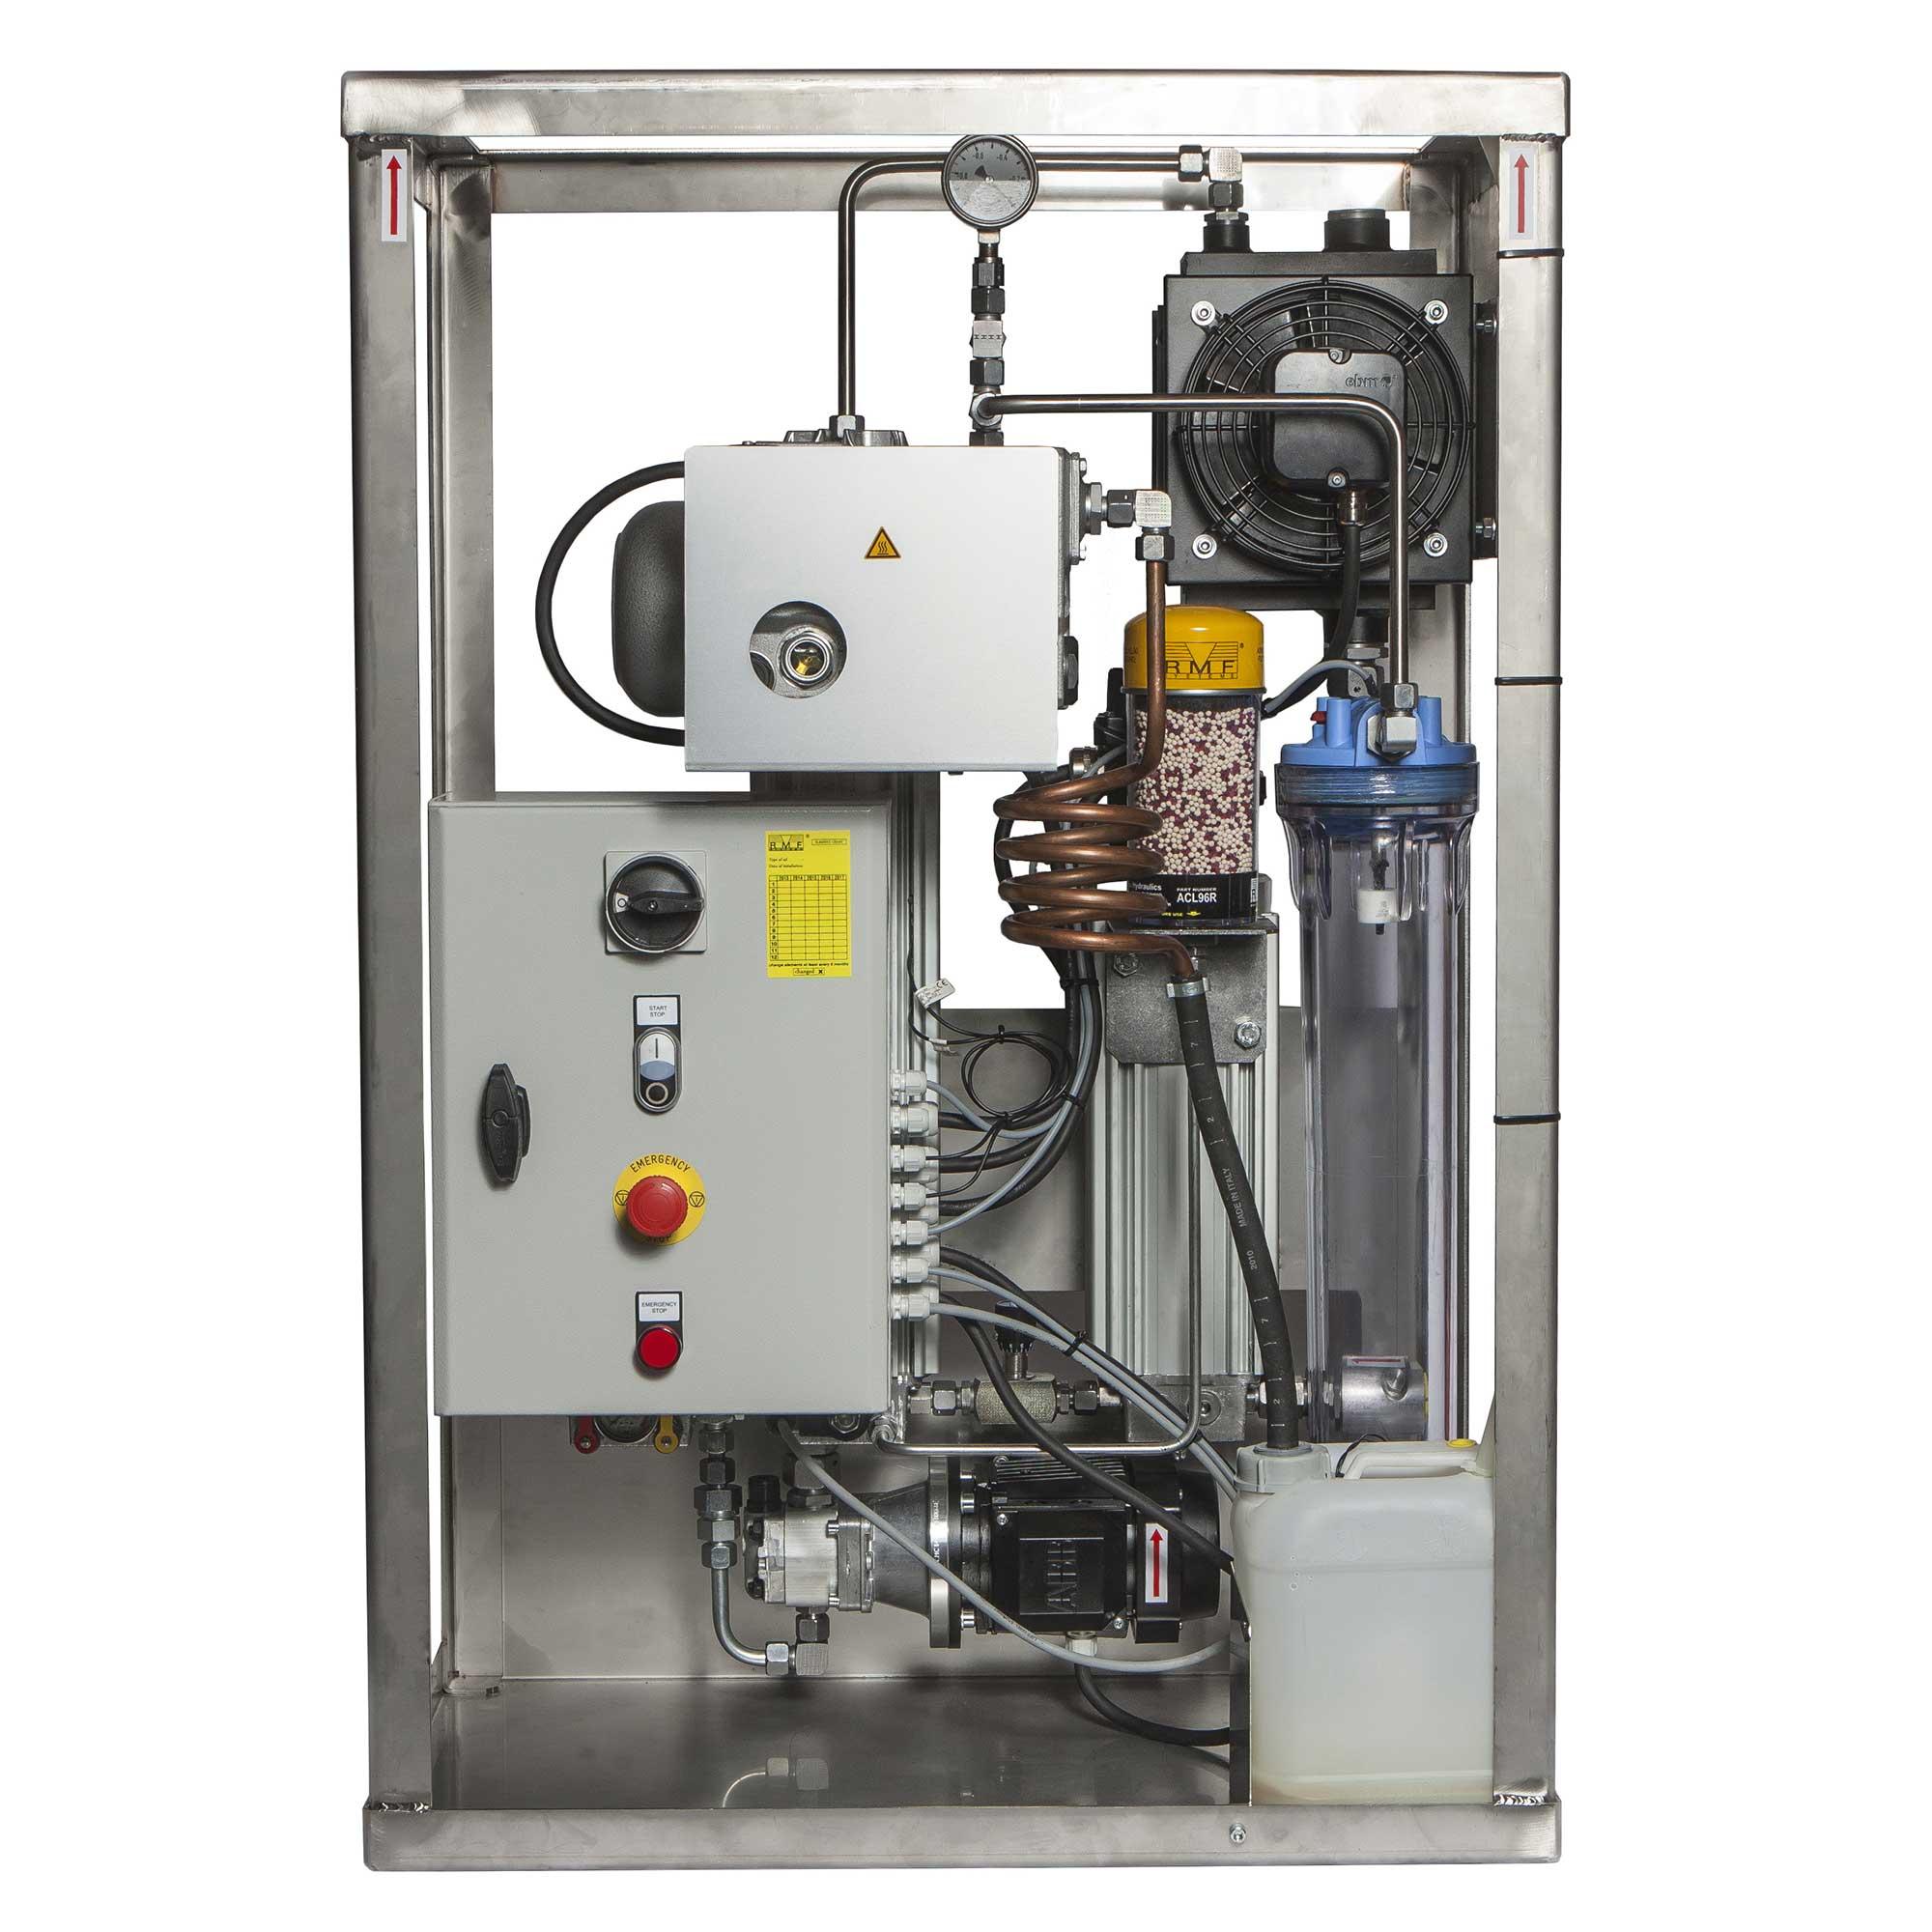 Vakuumaggregat for vedlikehold av hydraulikk og smøreolje, varenummer MWV1A30G1B060000